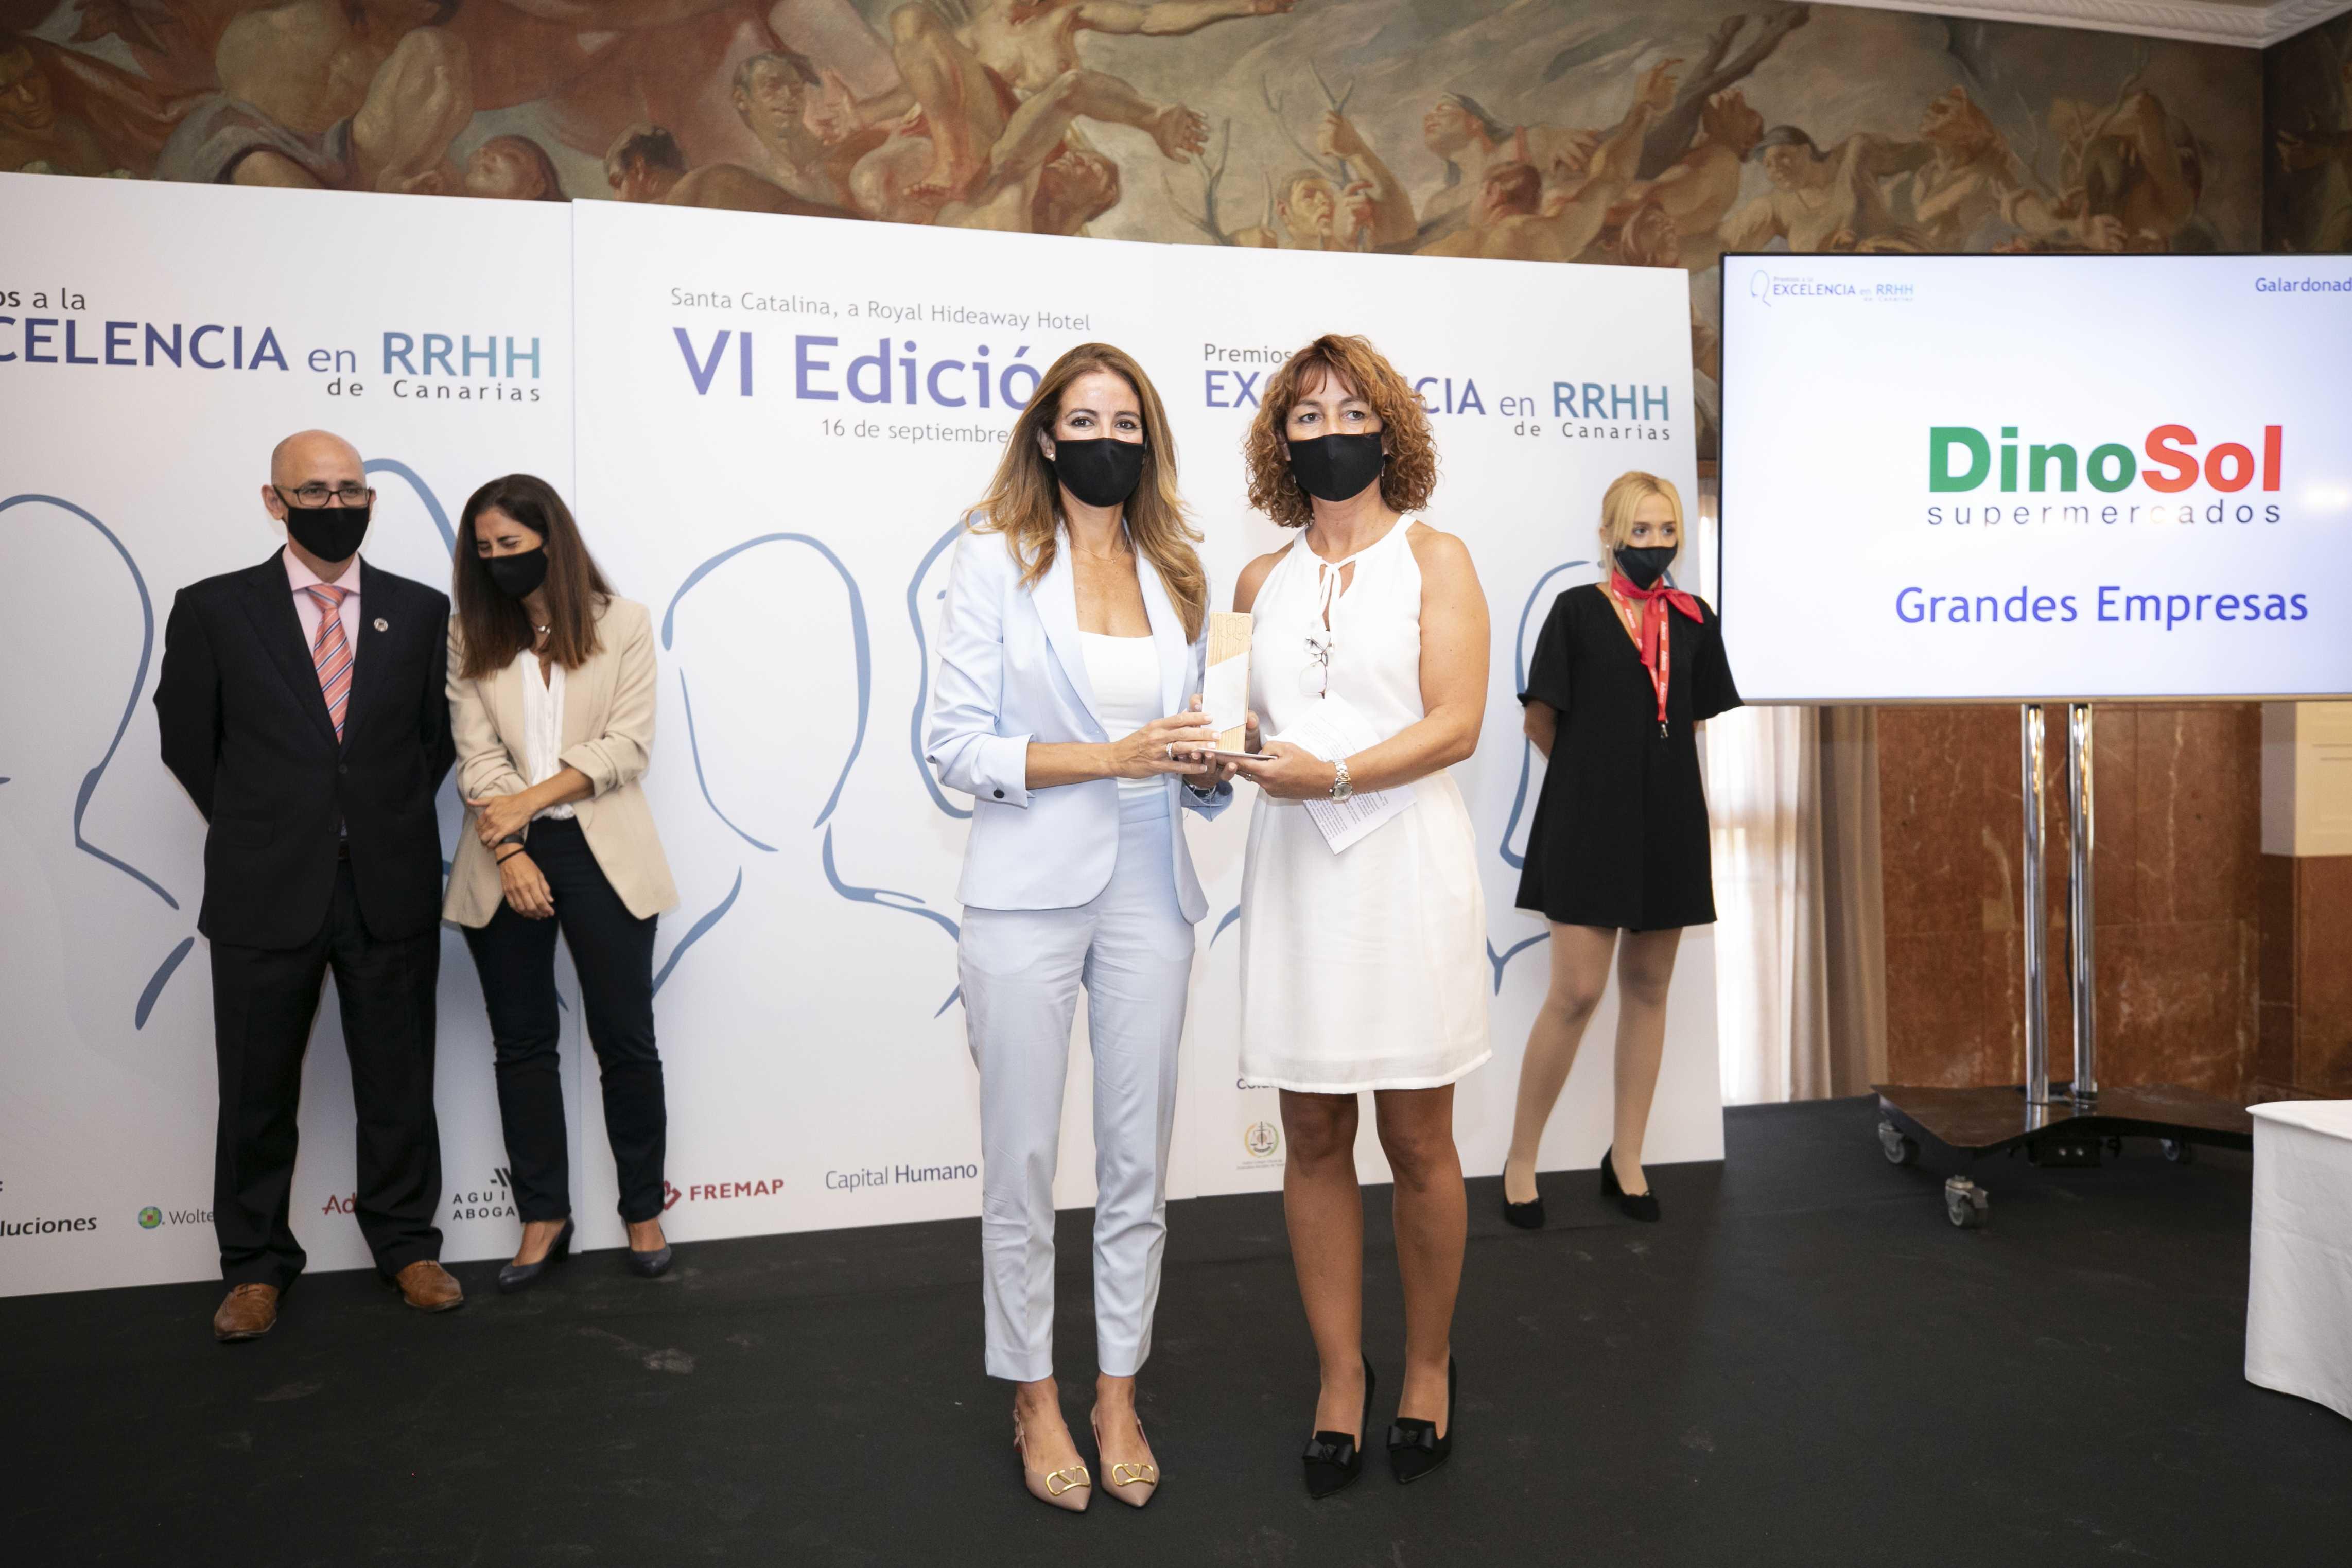 Salomé Sedano y Olivia Llorca, reciben el Premio a la Excelencia en Recursos Humanos / CanariasNoticias.es